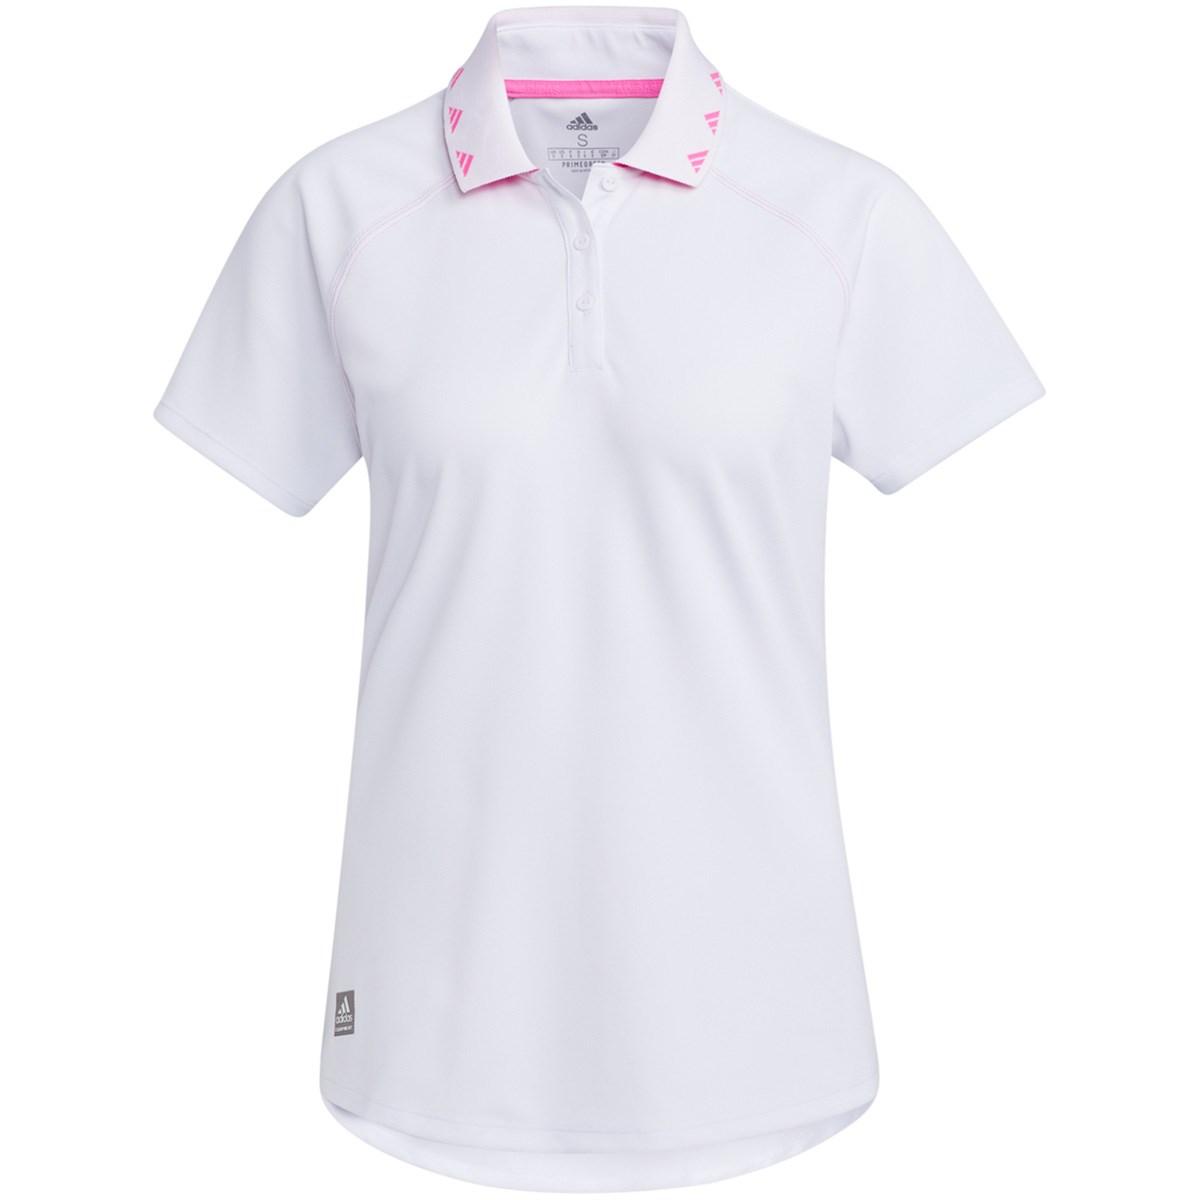 アディダス Adidas PRIMEGREEN ソリッド 半袖ポロシャツ J/M ホワイト レディス